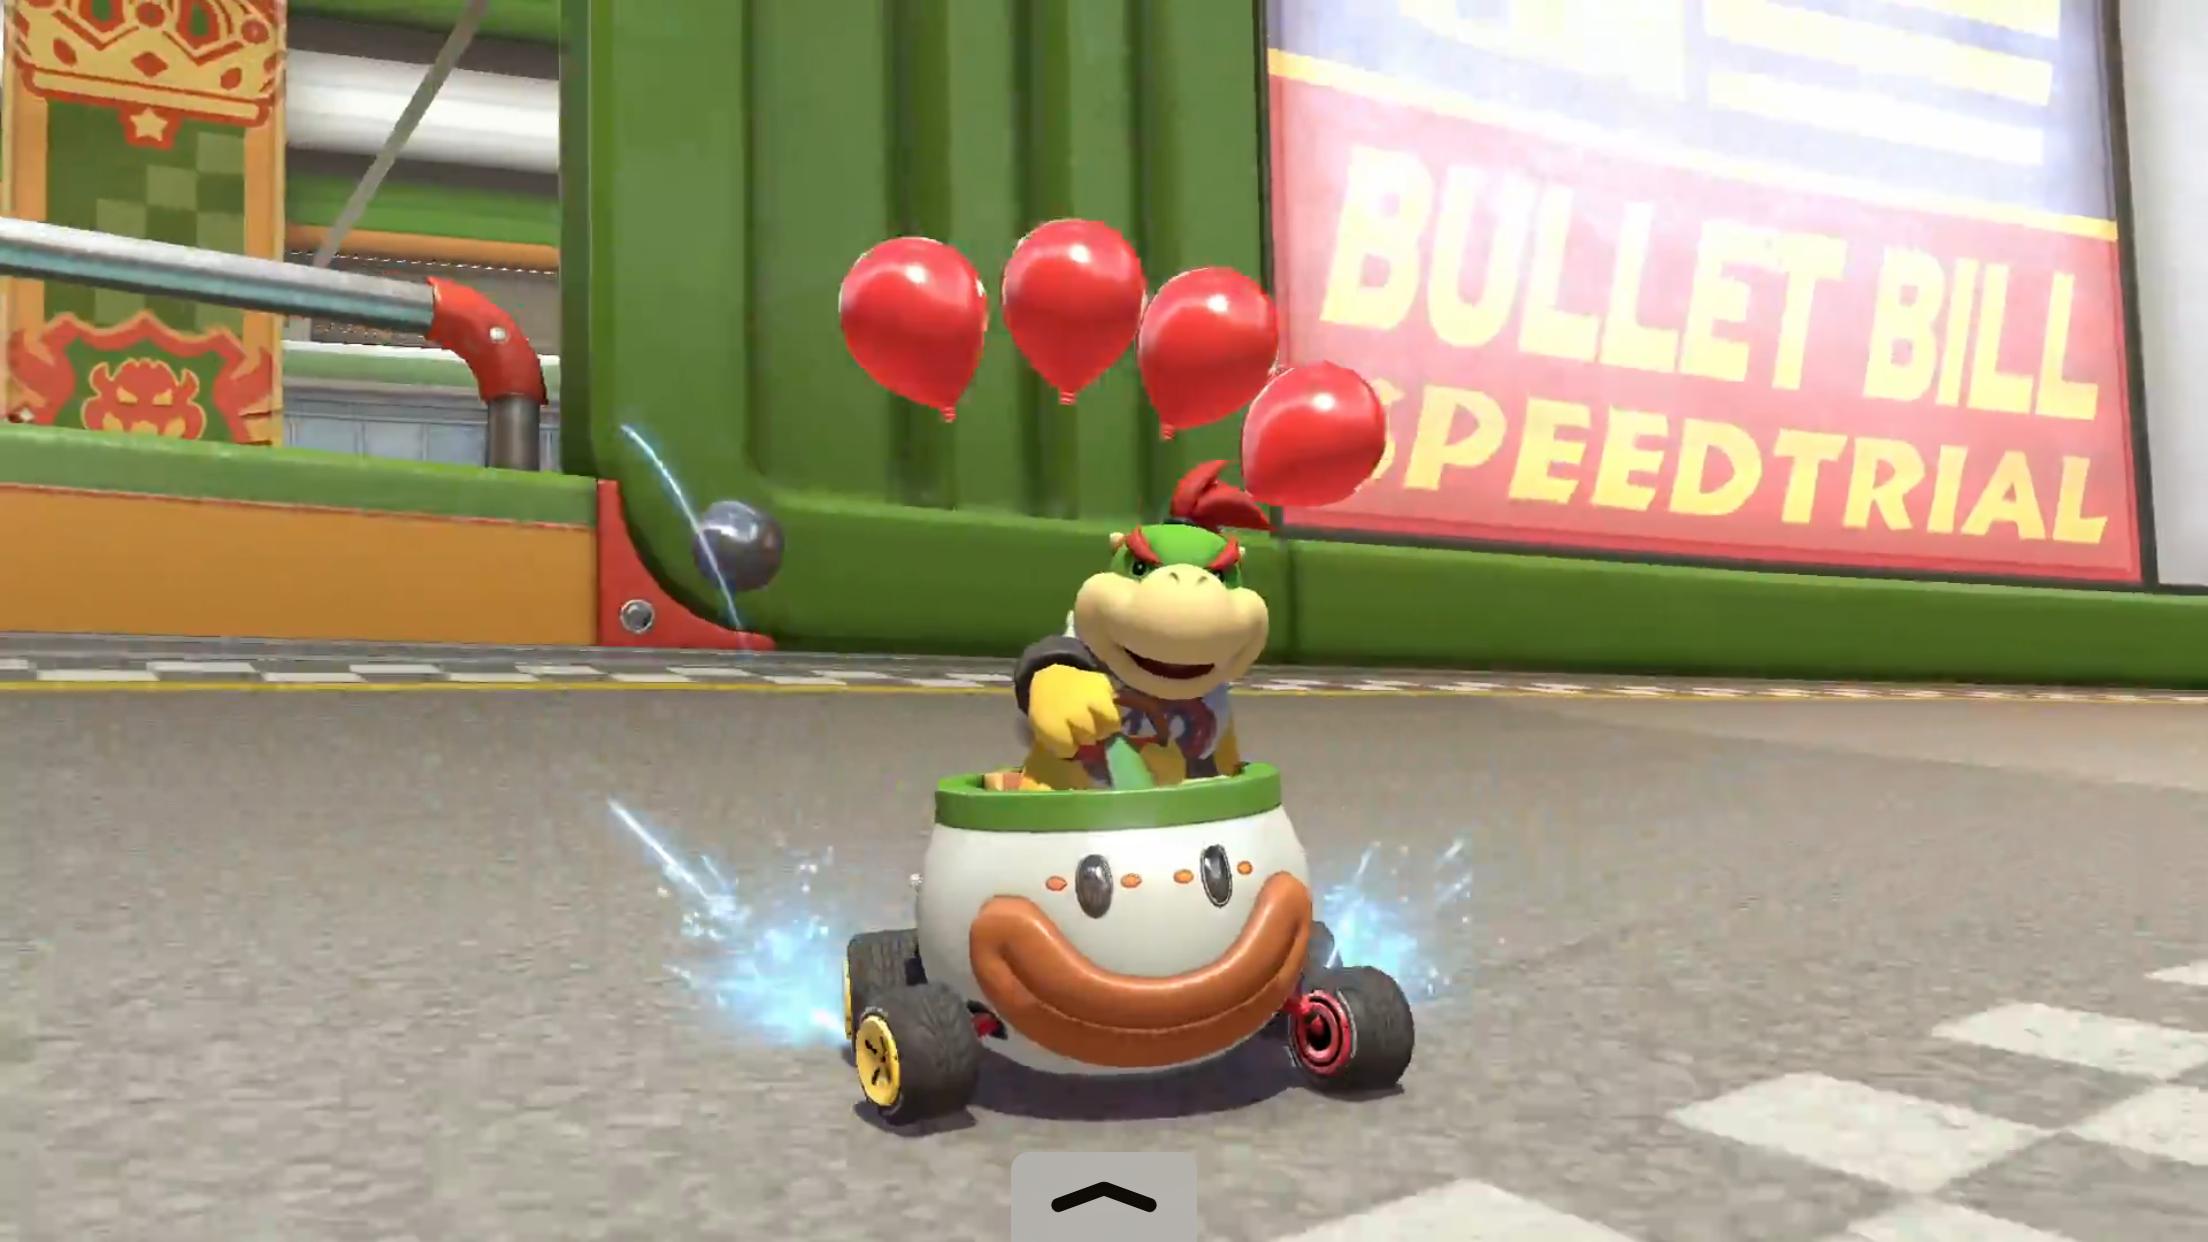 Donkey kong mario kart wii car tuning - Mario Kart 8 Deluxe Bowser Jr